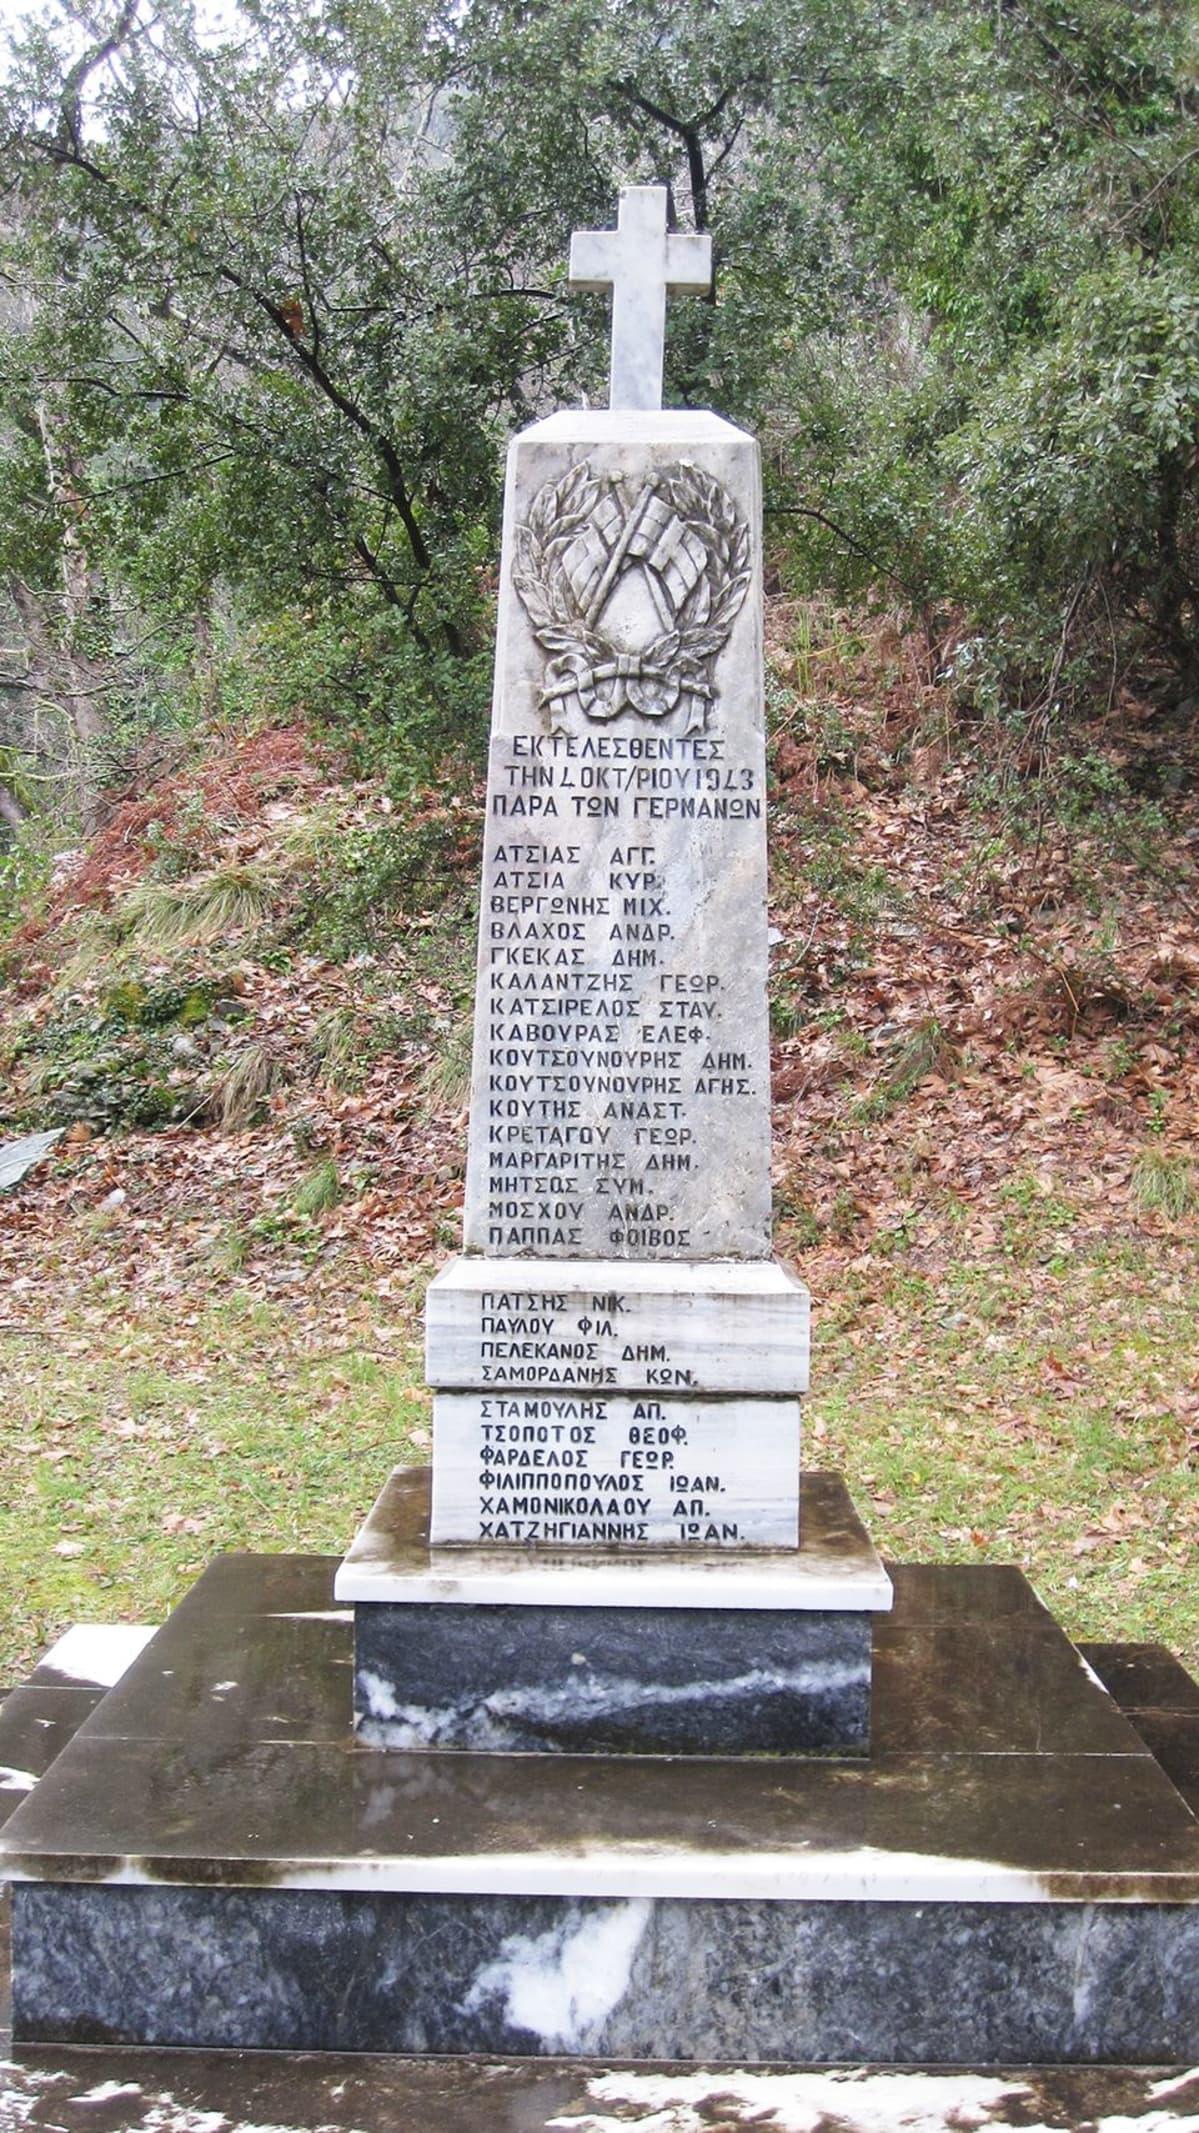 Kreikasta löytyy monta natsien uhrien muistomerkkejä. Tämä on Miliesin vuoristokylästä.